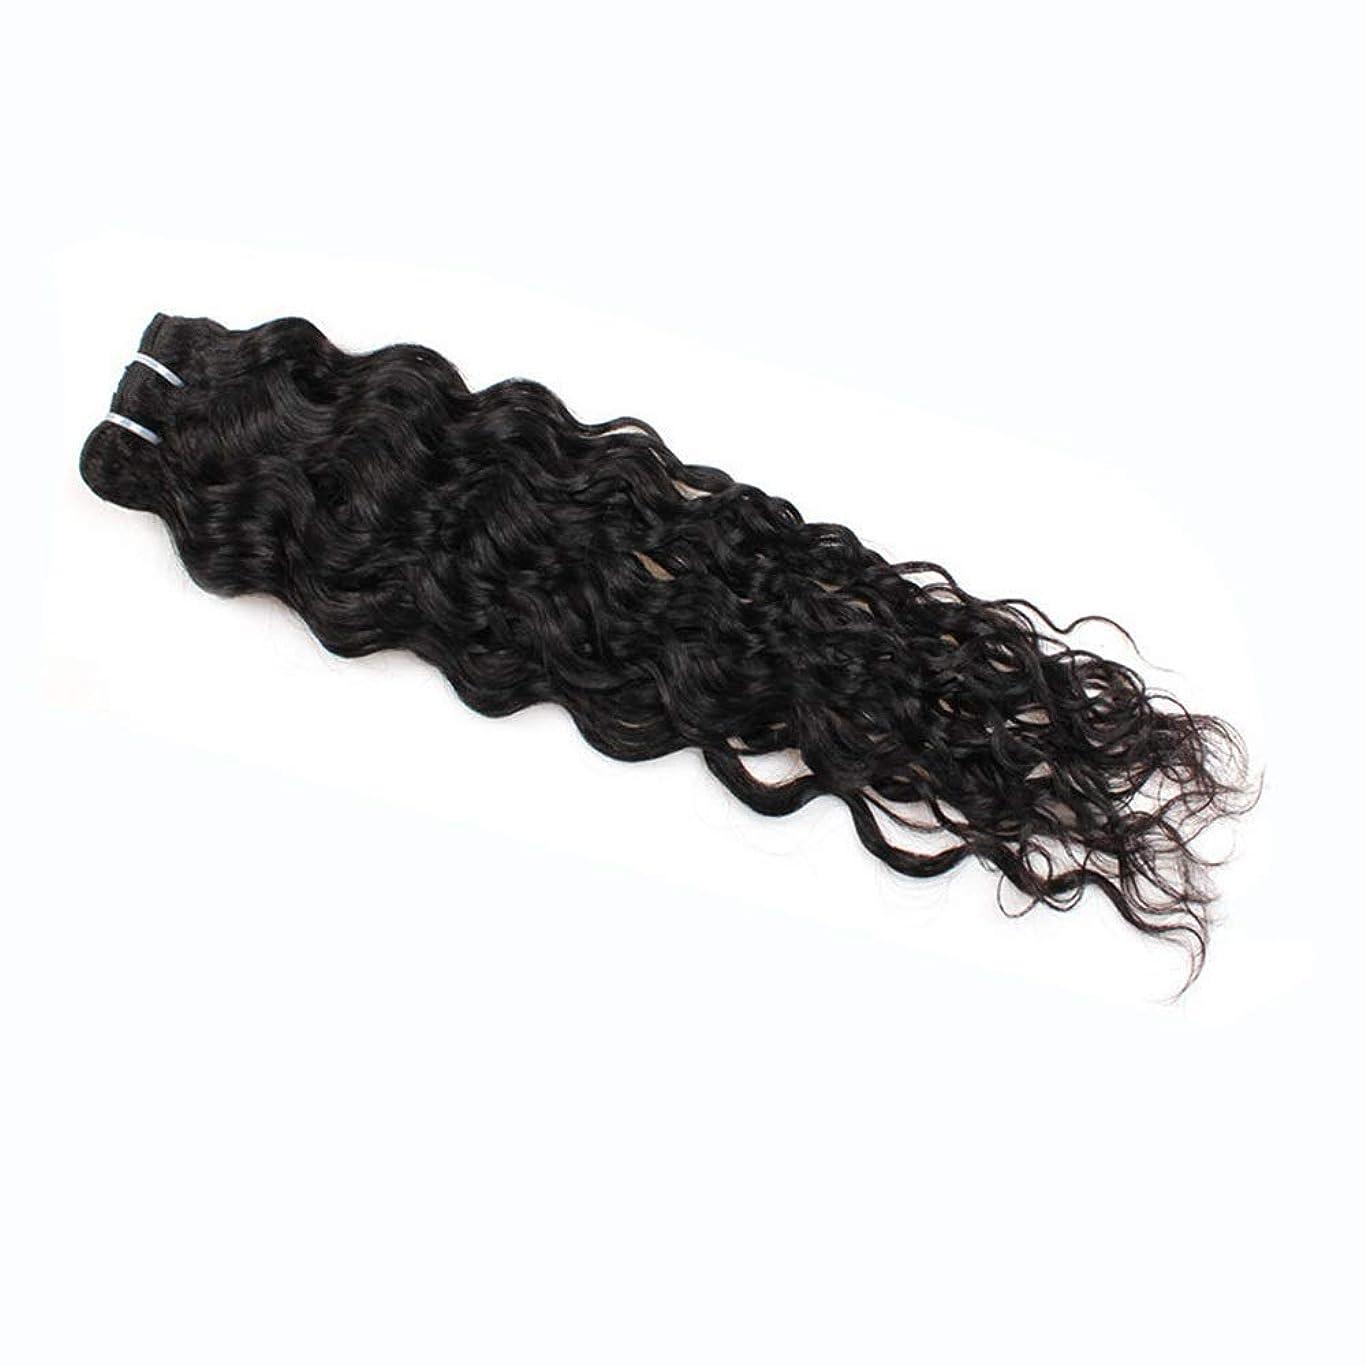 率直な住所証明するBOBIDYEE 7a未処理のバージンブラジル髪織り100%ブラジル水波人間の毛髪延長100グラム/バンドルナチュラルカラーパックの1複合ヘアレースかつらロールプレイングウィッグロングとショート女性自然 (色 : 黒, サイズ : 10 inch)